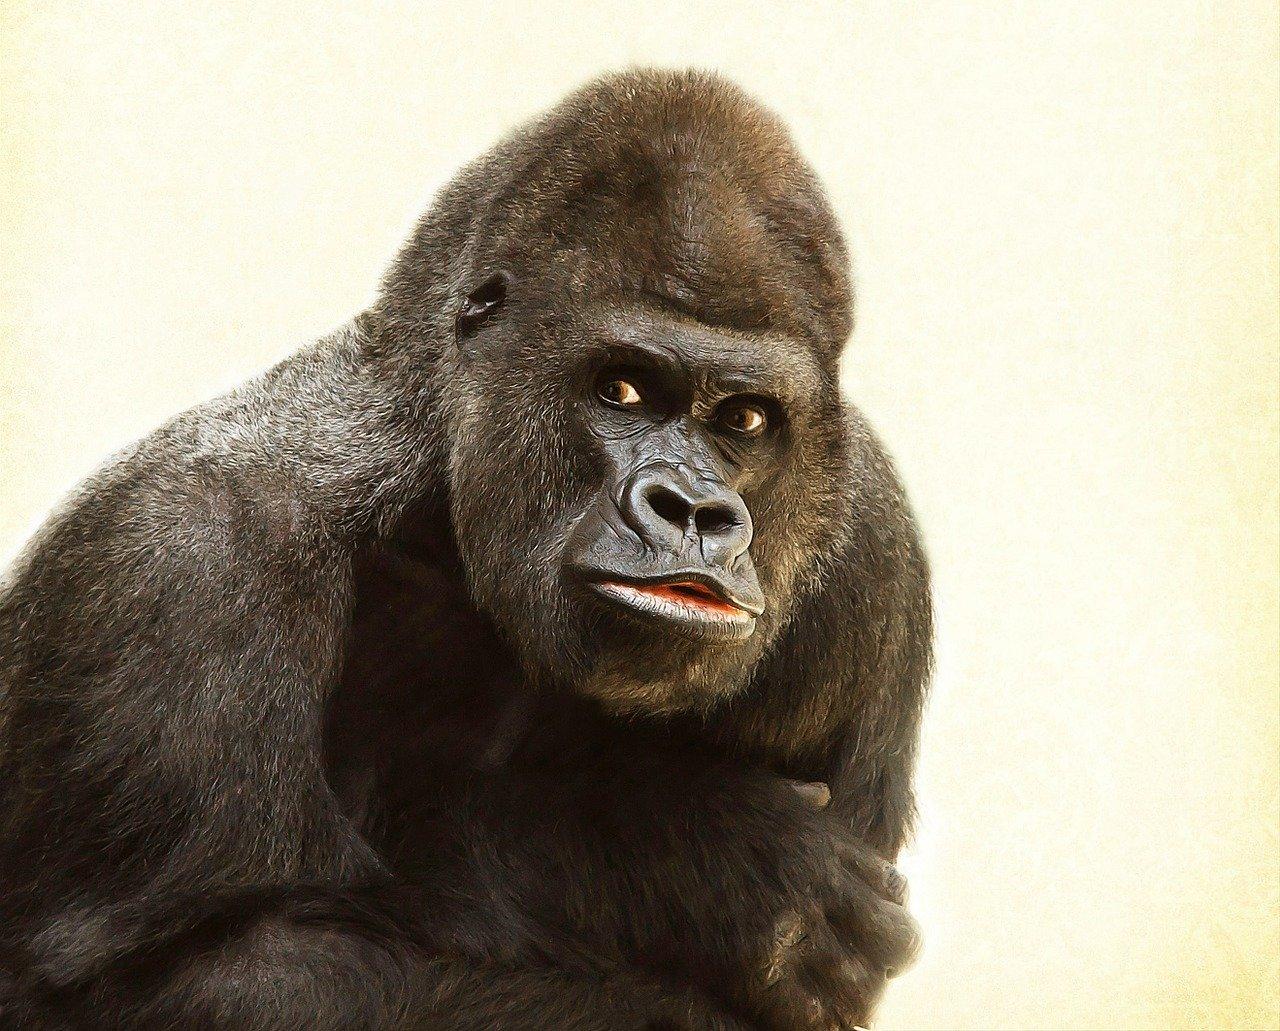 Gorilla - Original image